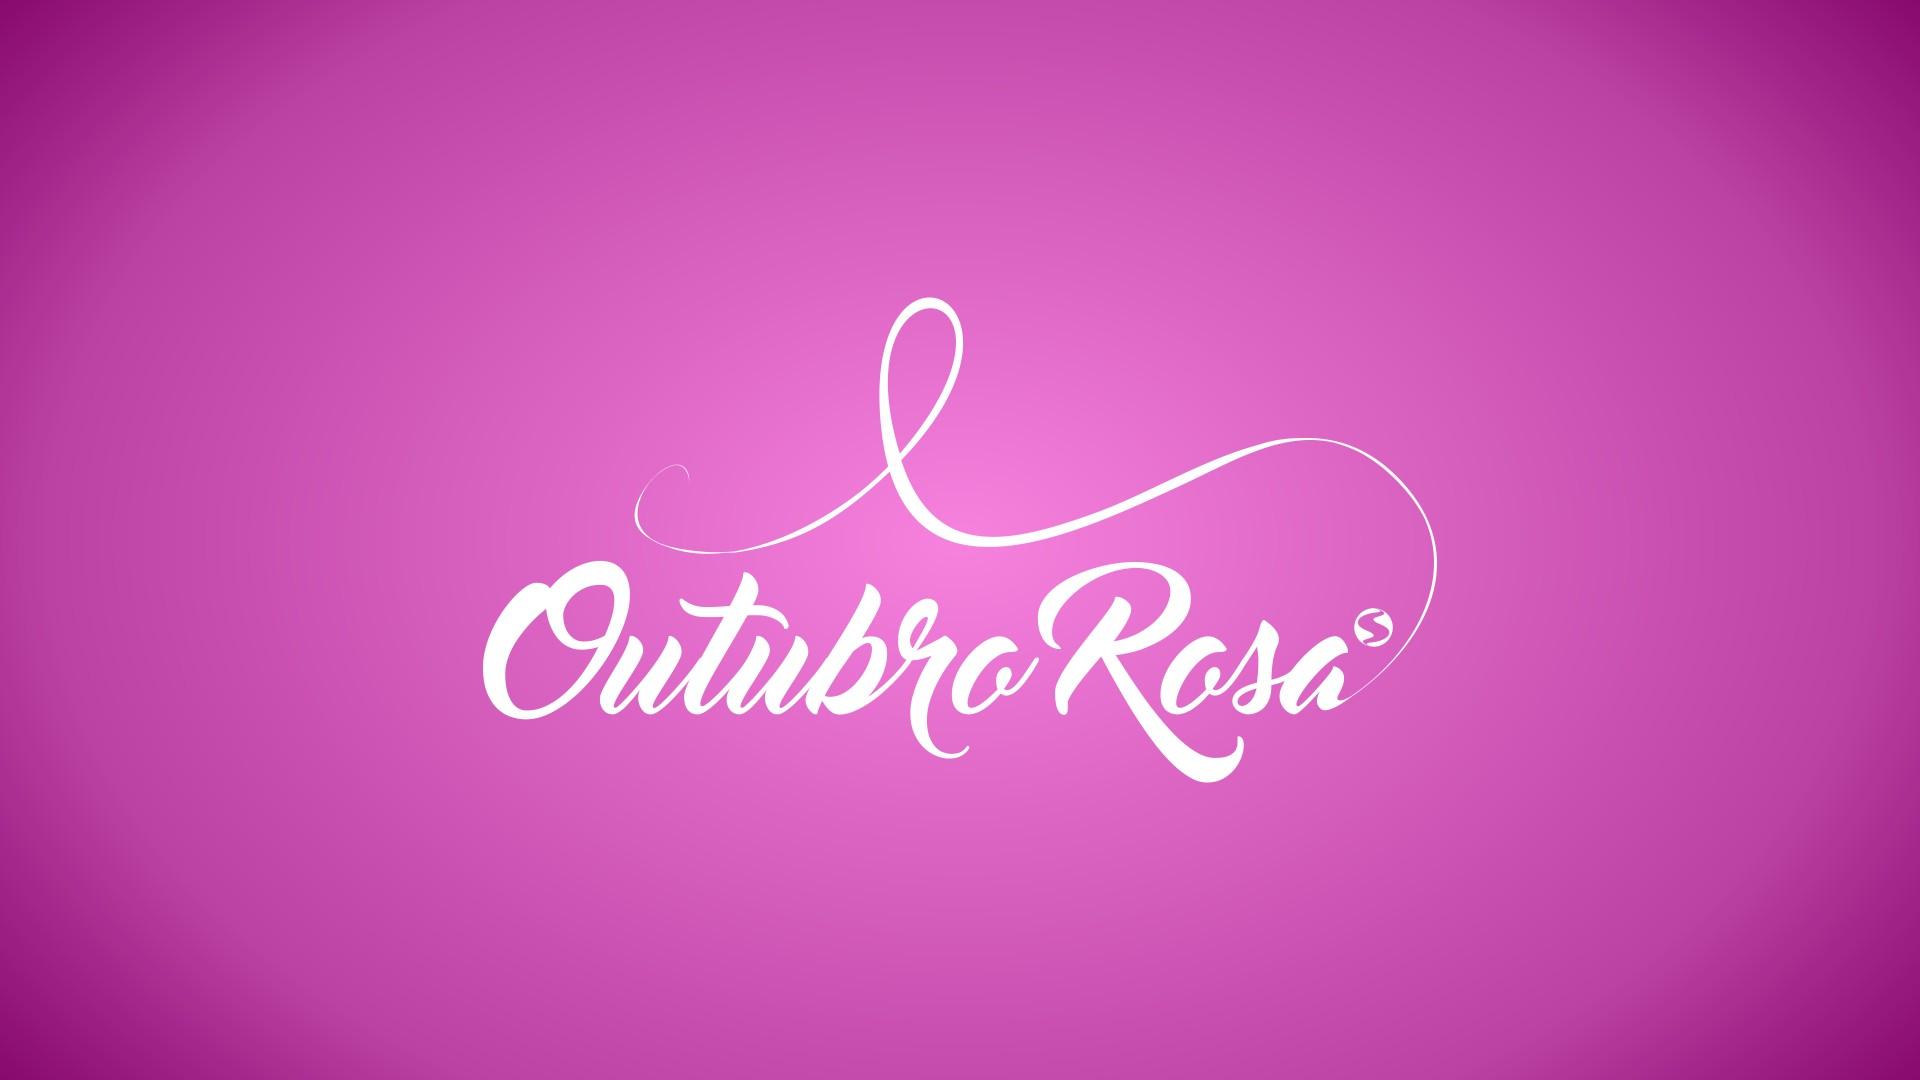 Ação pelo Outubro Rosa oferece serviços gratuitos em Três Rios neste sábado - Notícias - Plantão Diário